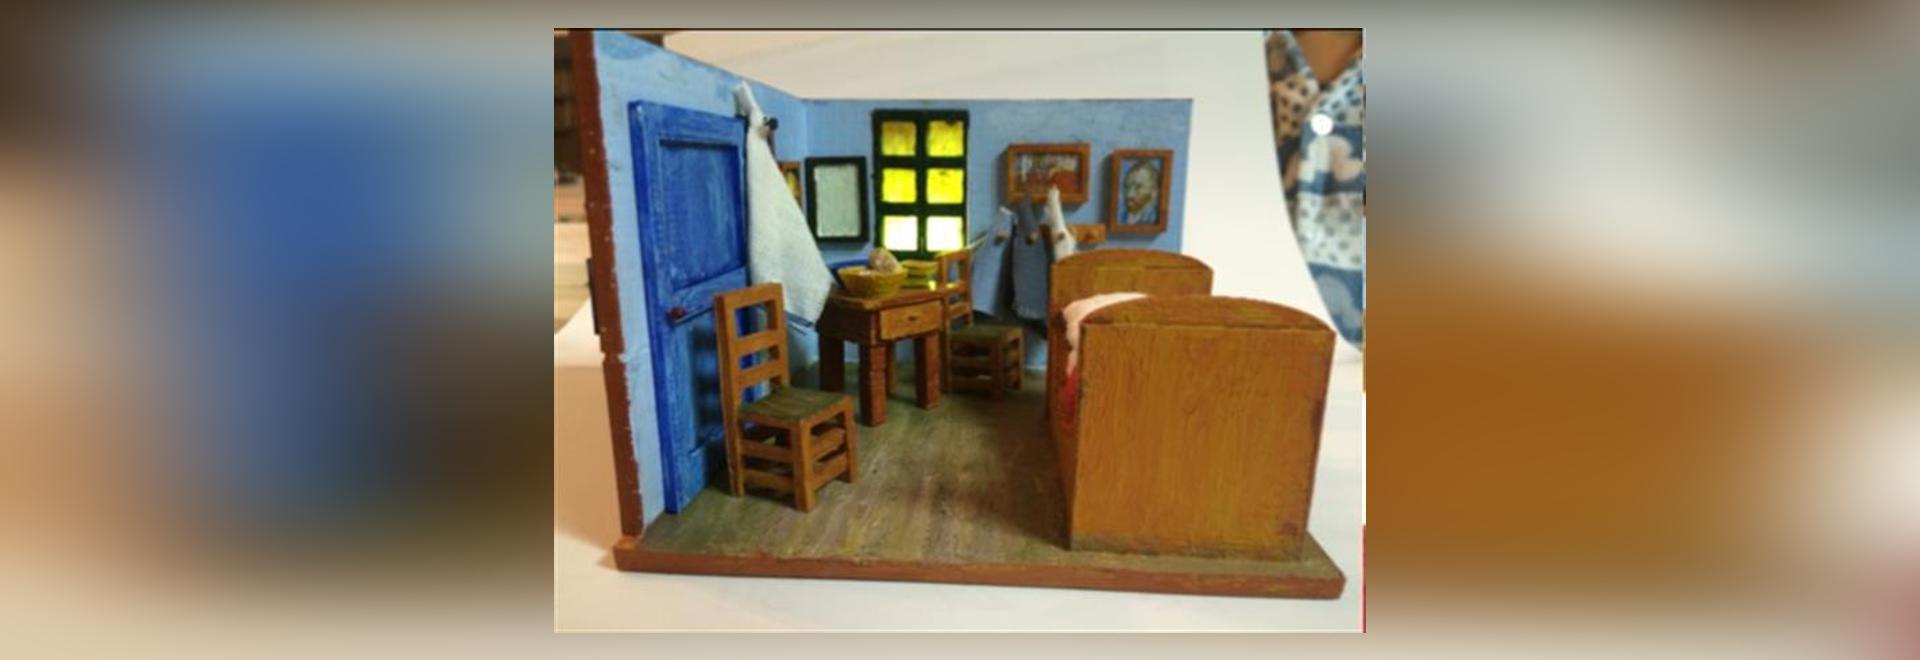 Schlafzimmer in arles  van goghs «schlafzimmer in arles» war ursprünglich lila | nzz ...